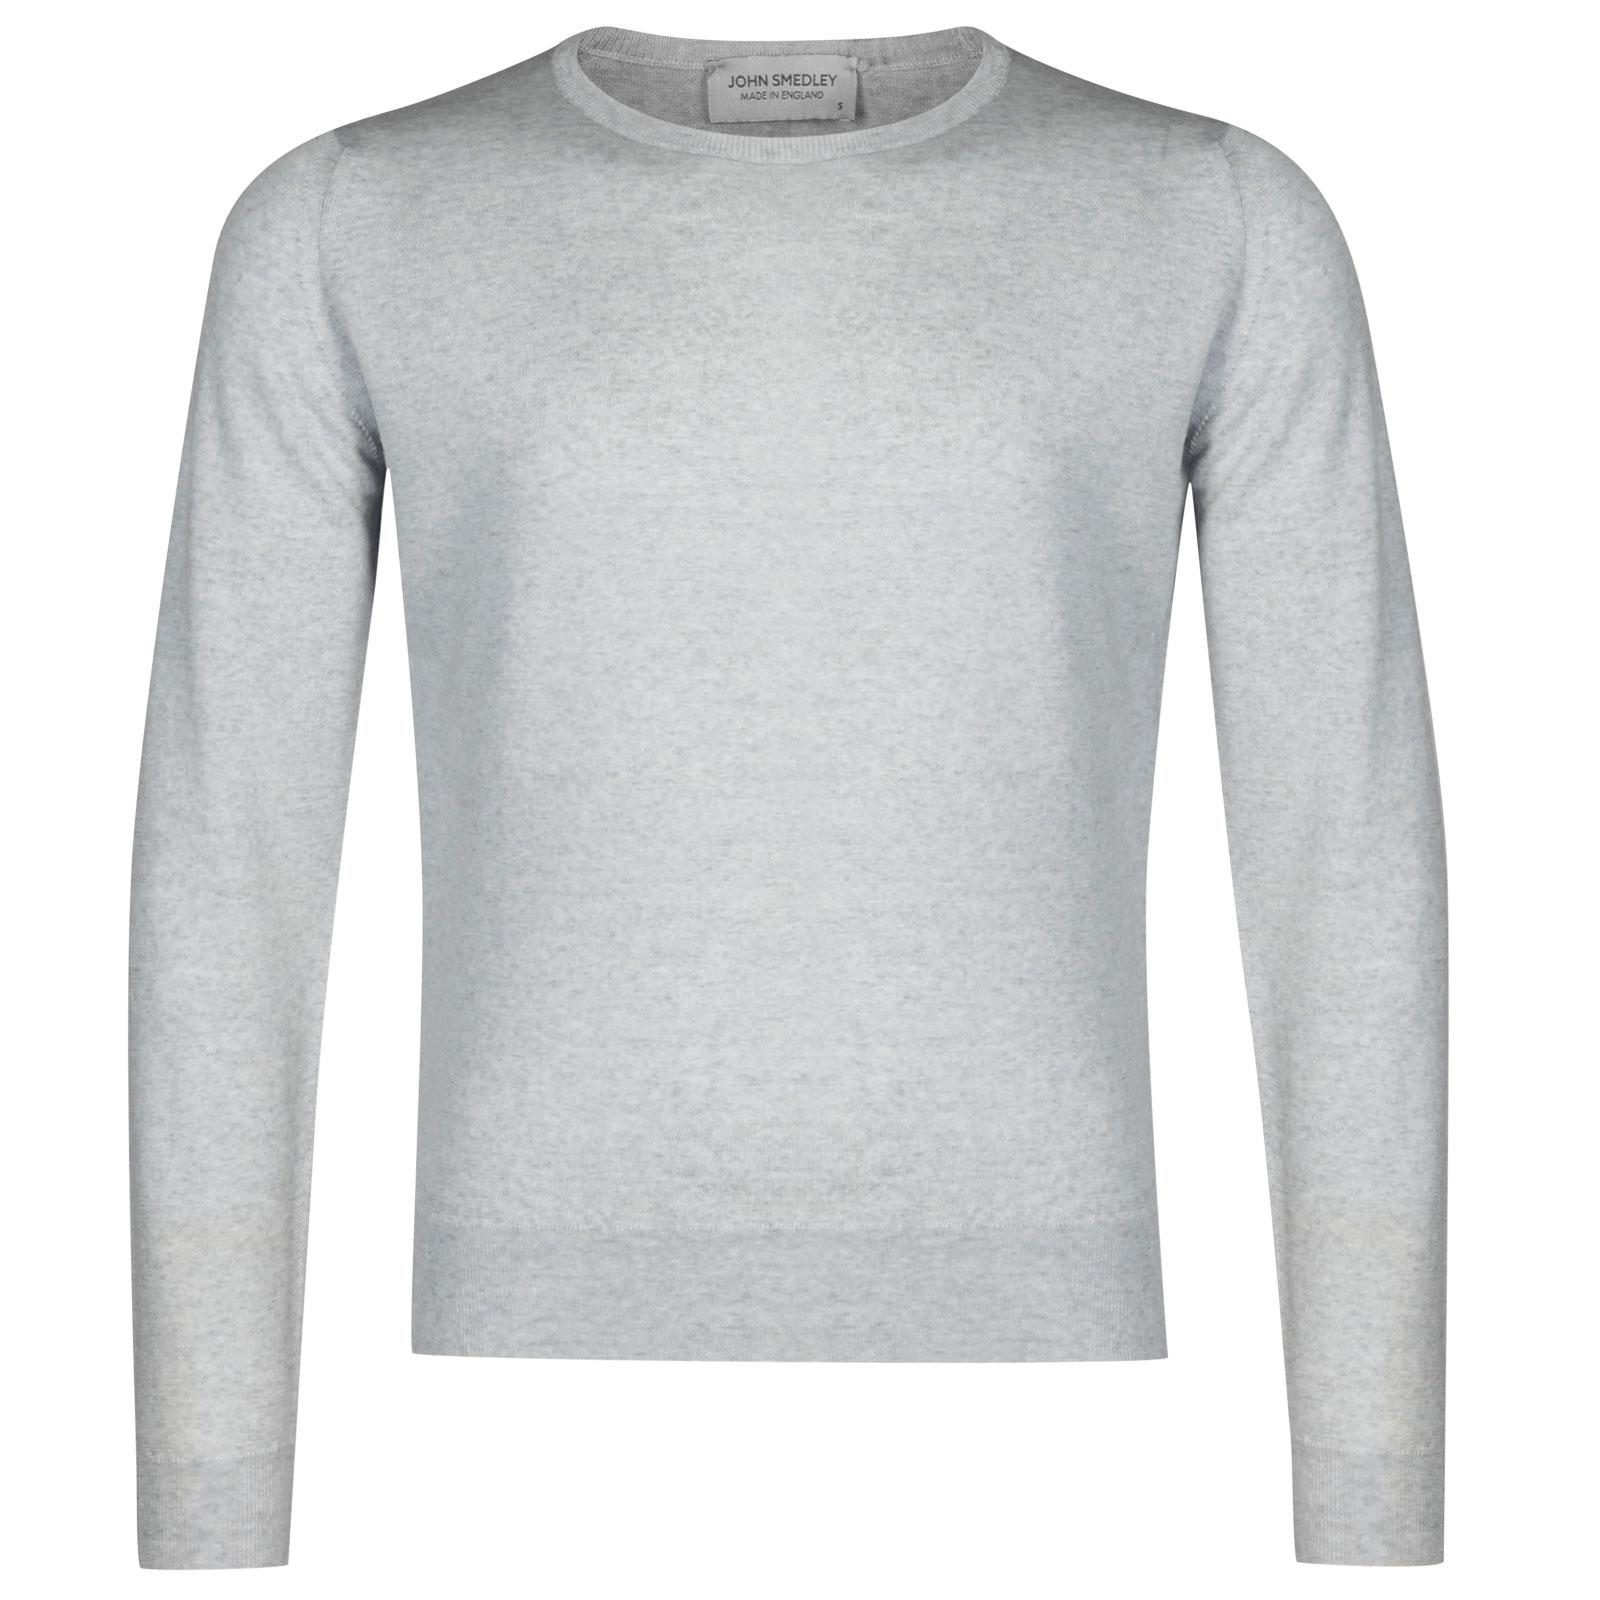 John Smedley sicily Merino Wool Pullover in Bardot Grey-M